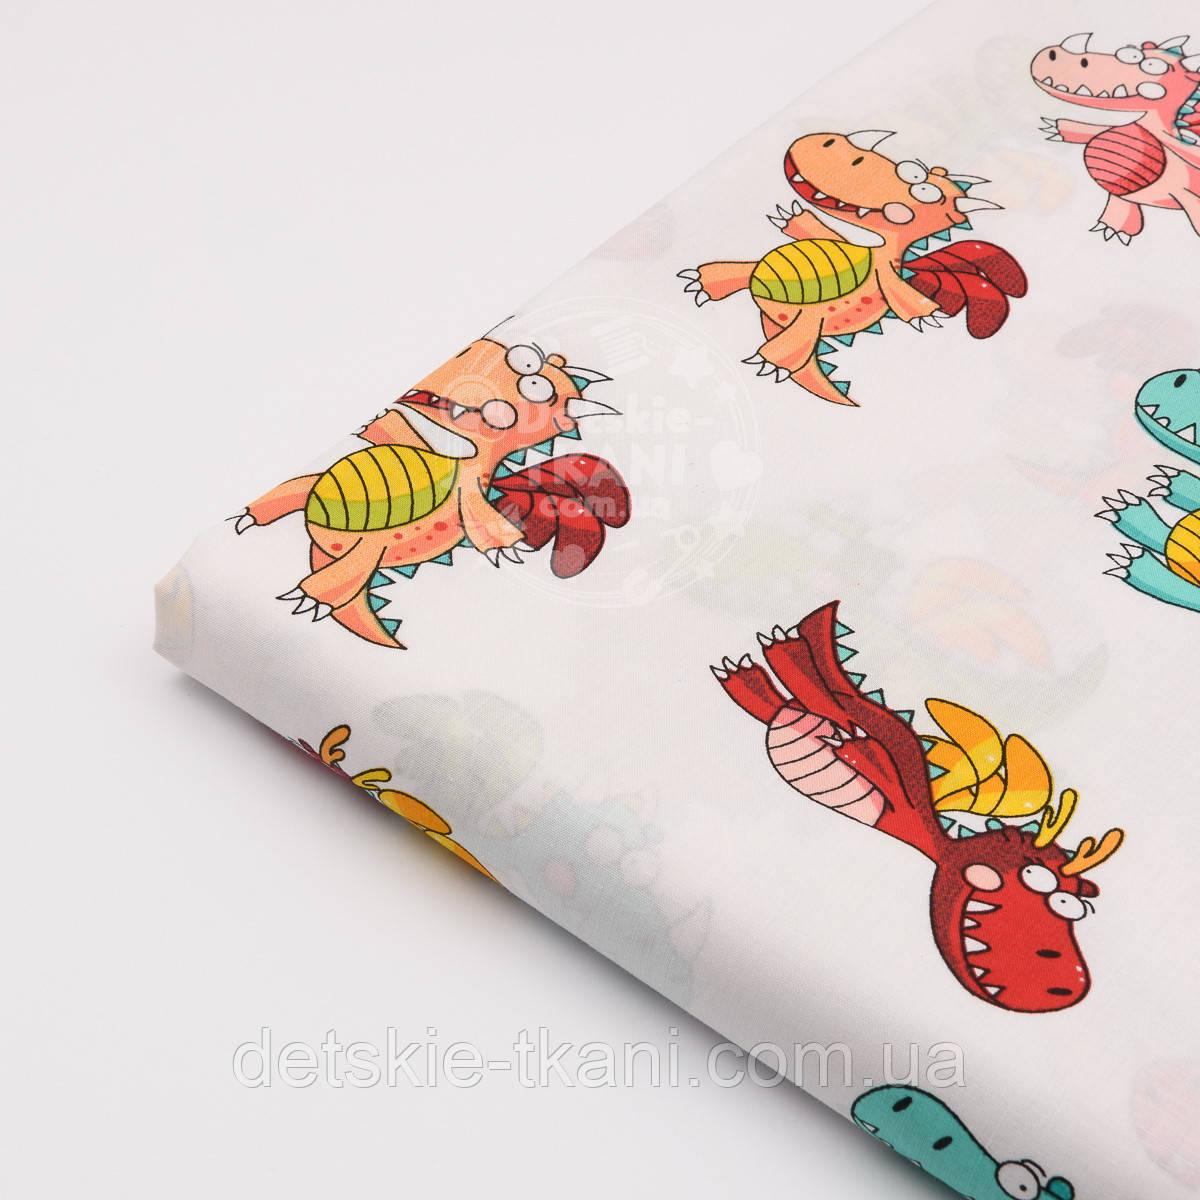 """Лоскут ткани №1130а """"Разноцветные динозаврики"""" на белом фоне"""